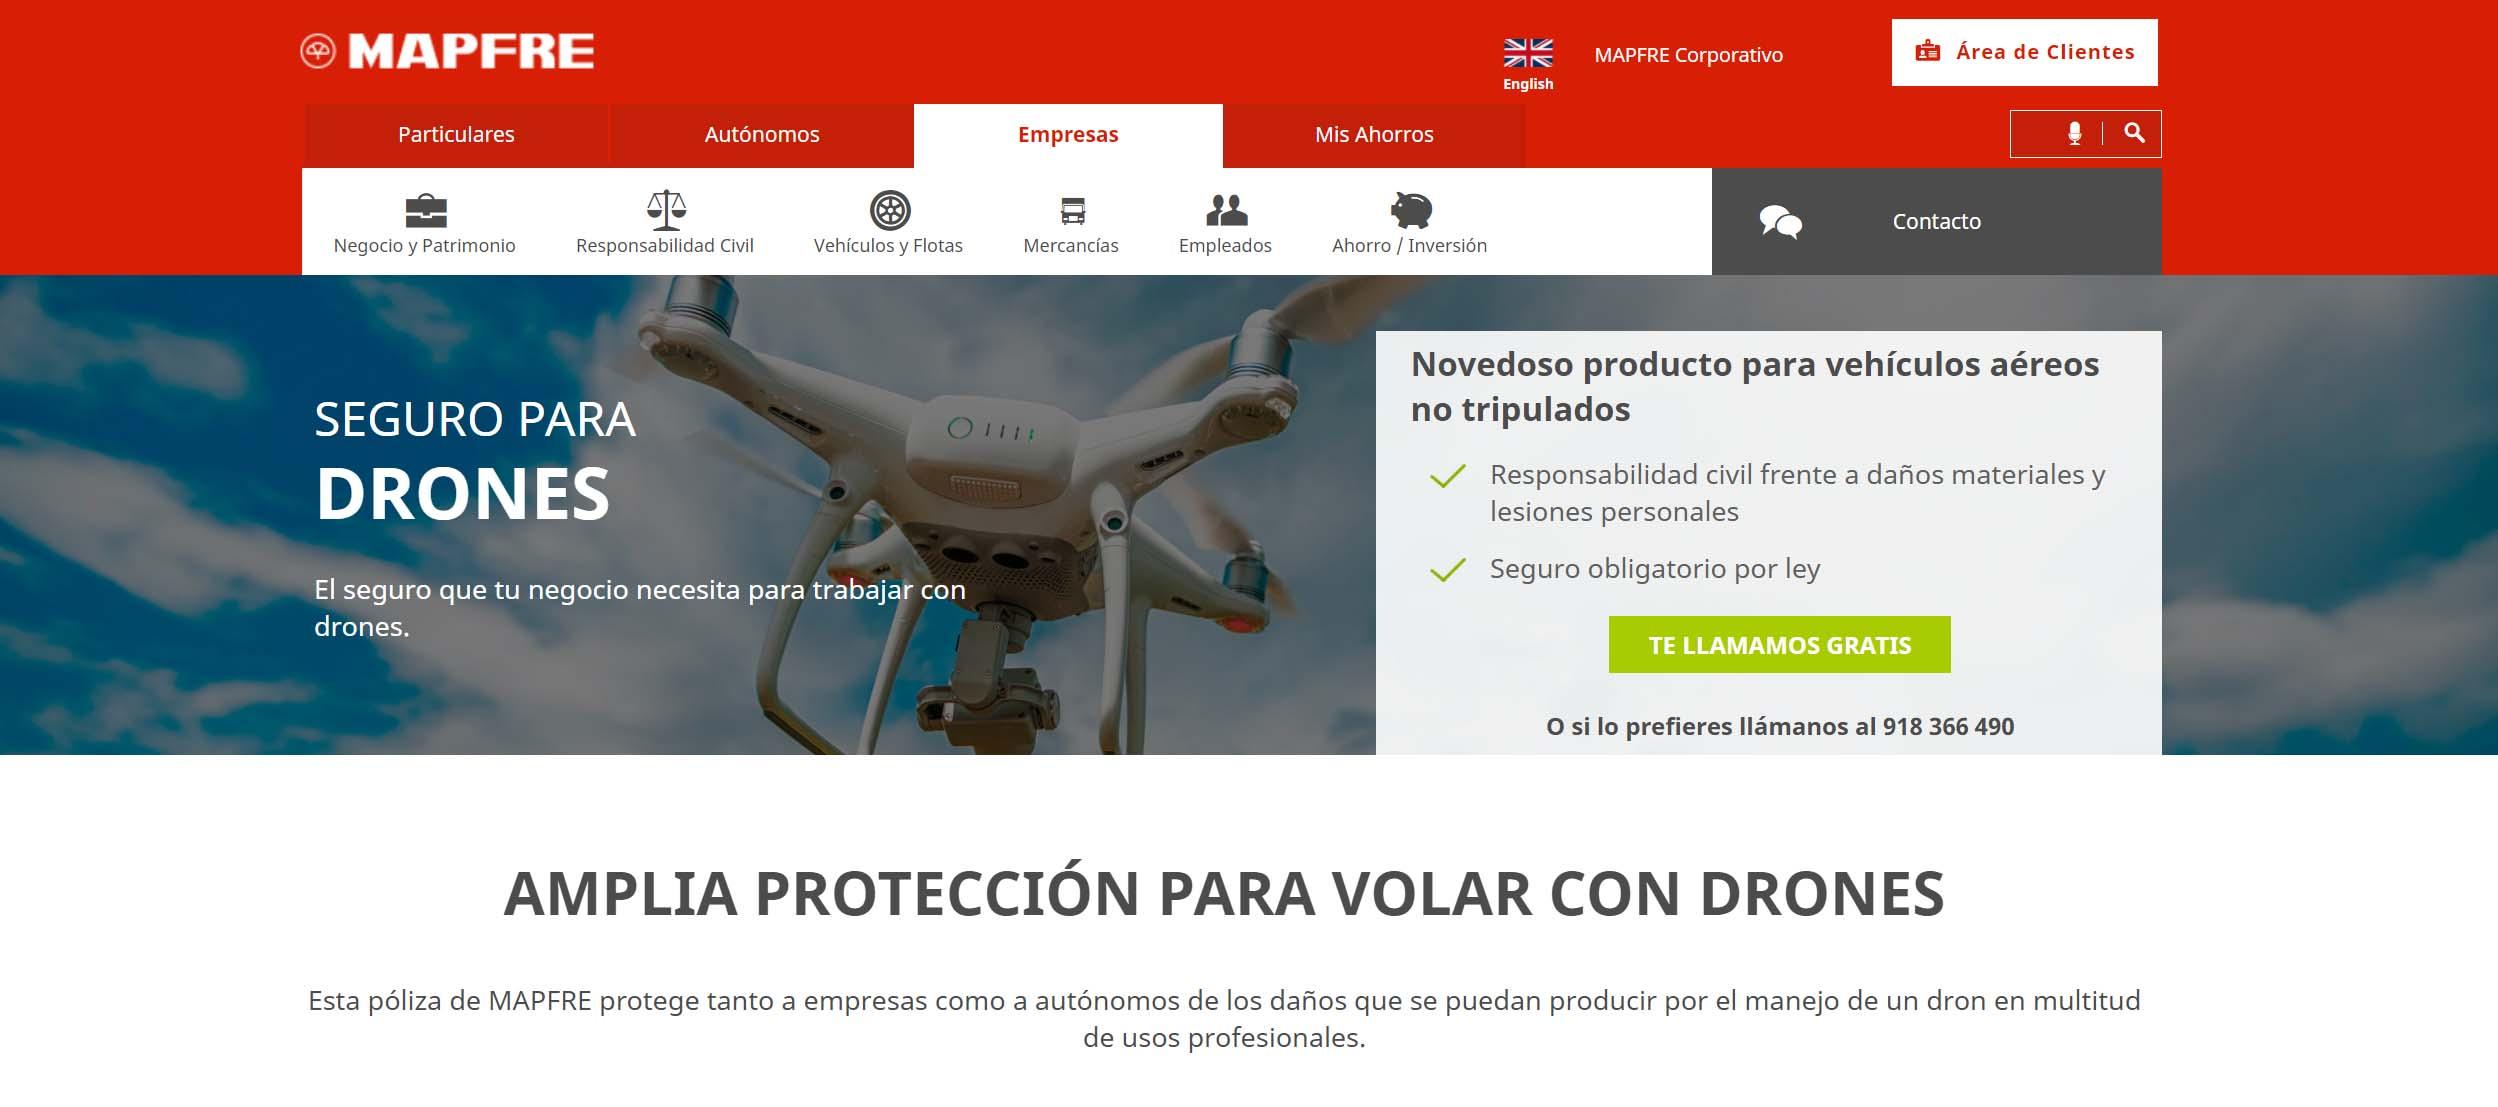 Seguro-para-drones-Mafre